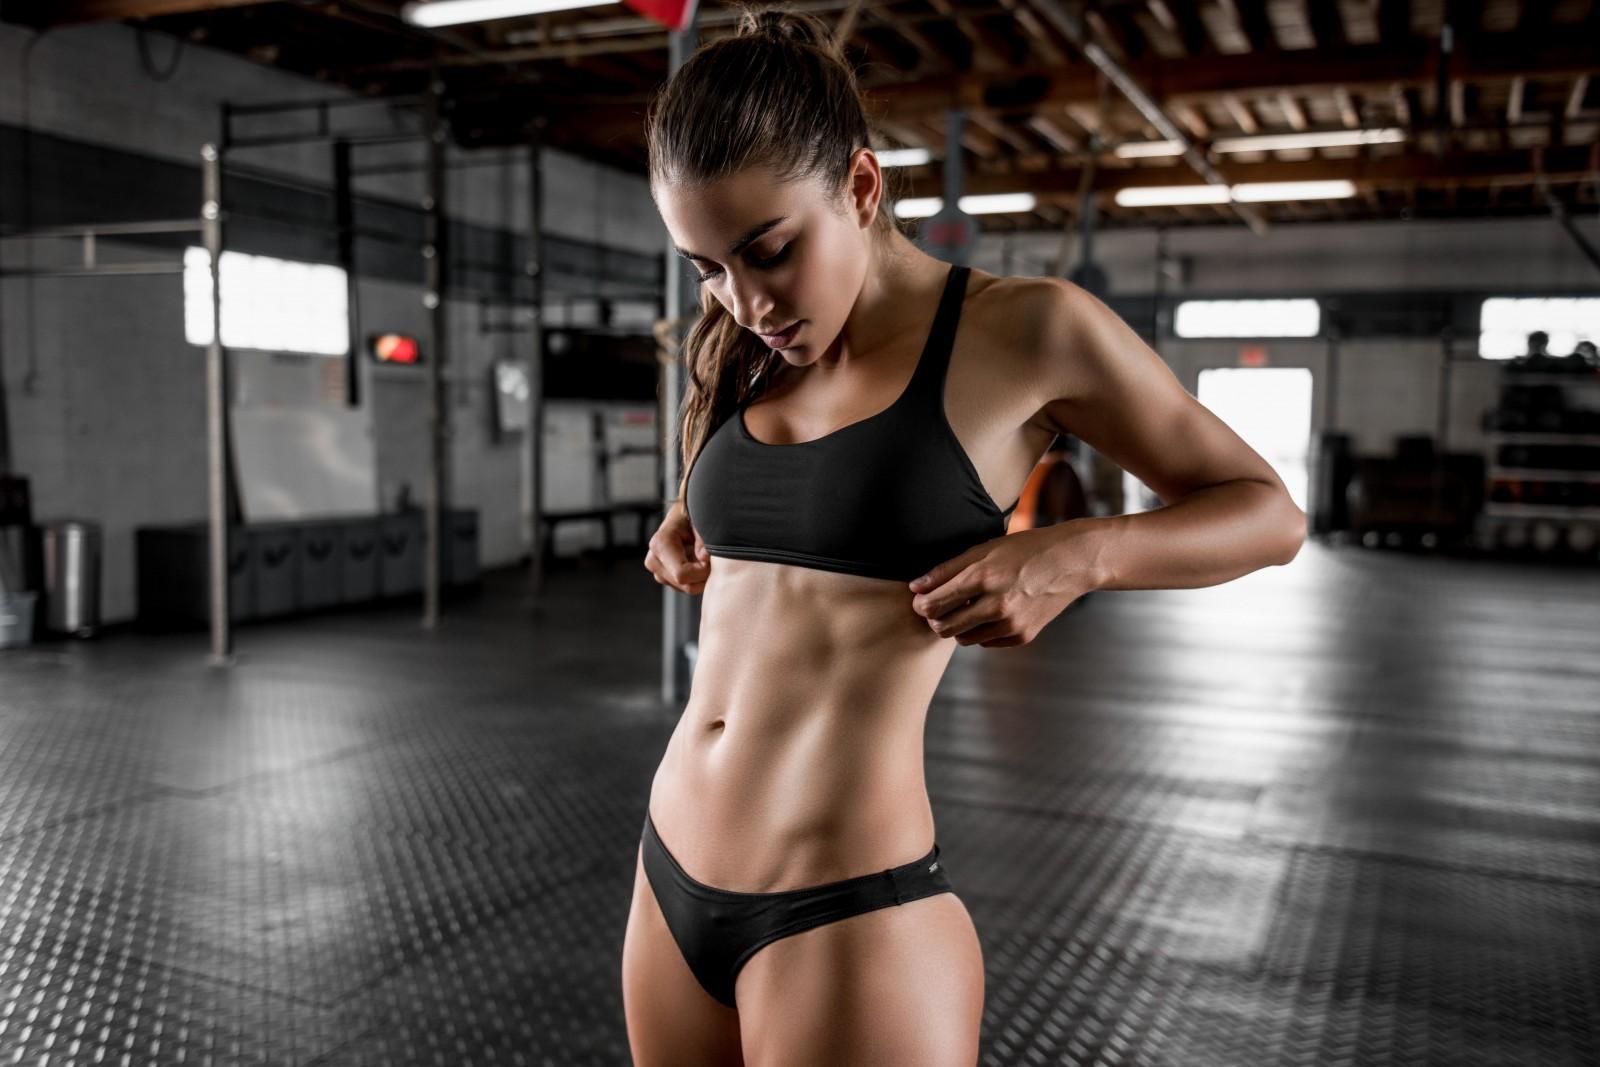 fitness gymnastics model Bikini